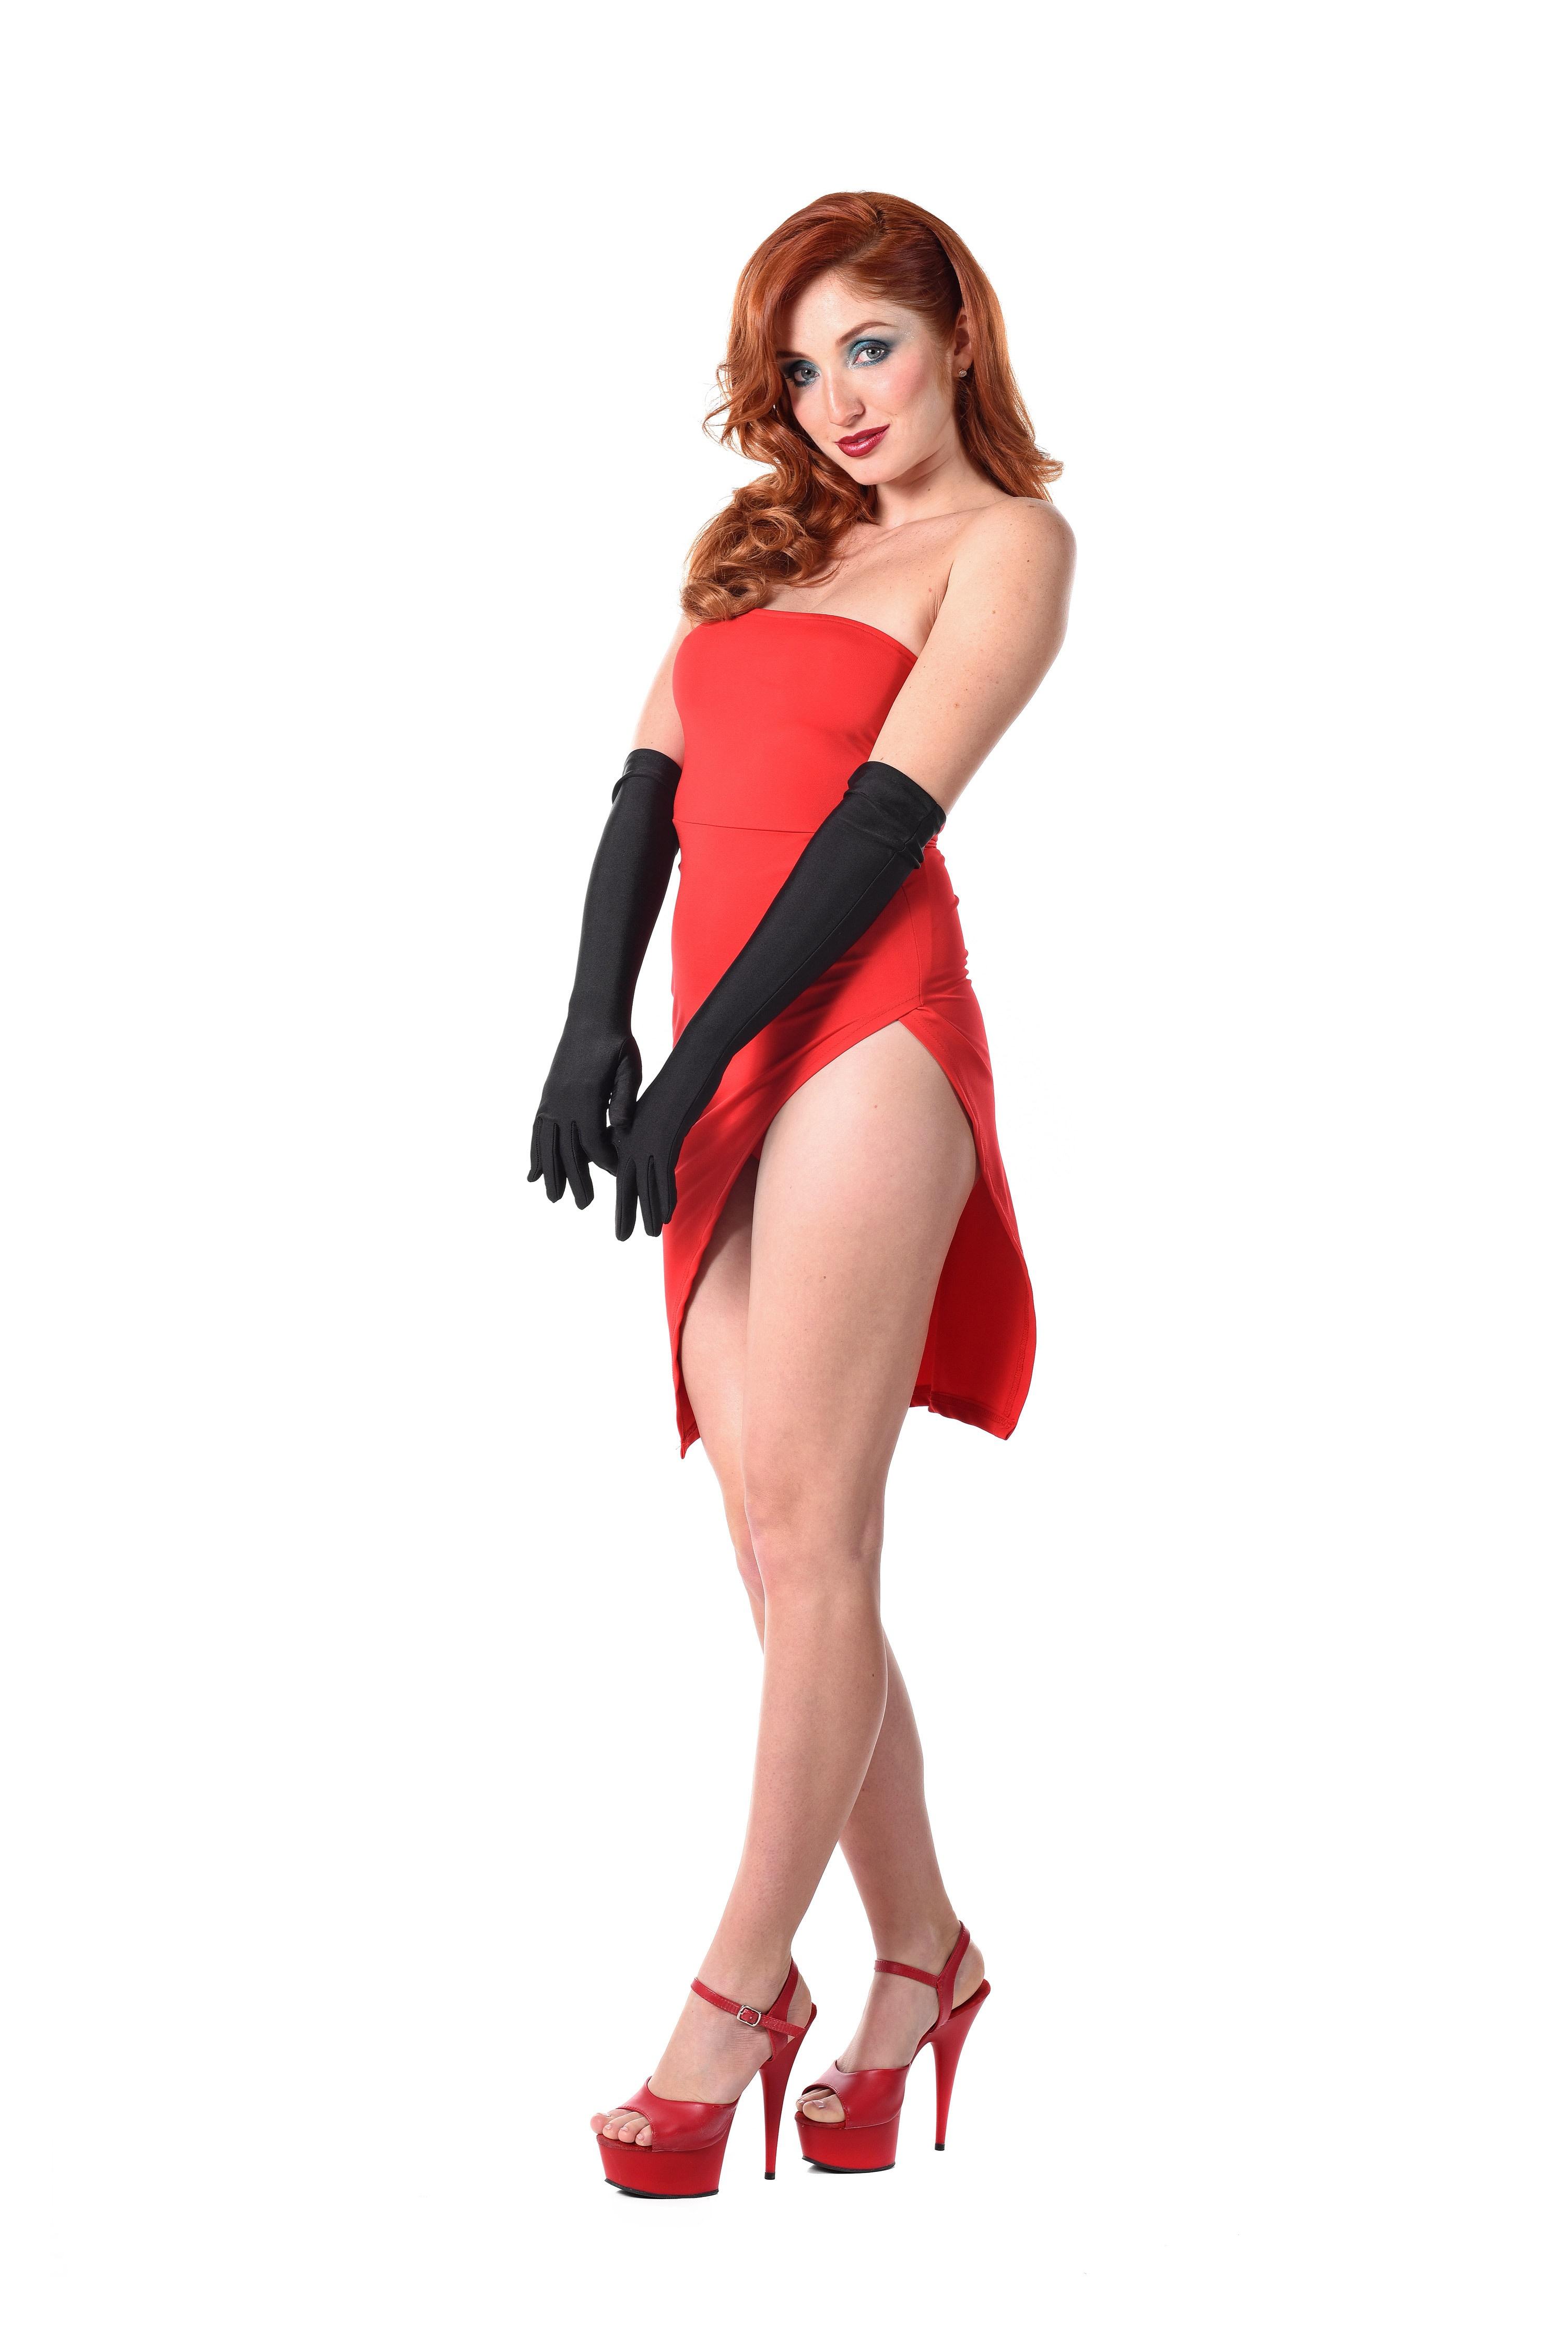 Fotos von Red Fox Michelle H Rotschopf Handschuh iStripper Pose Mädchens Bein Hand Weißer hintergrund Kleid High Heels 3003x4500 für Handy posiert junge frau junge Frauen Stöckelschuh